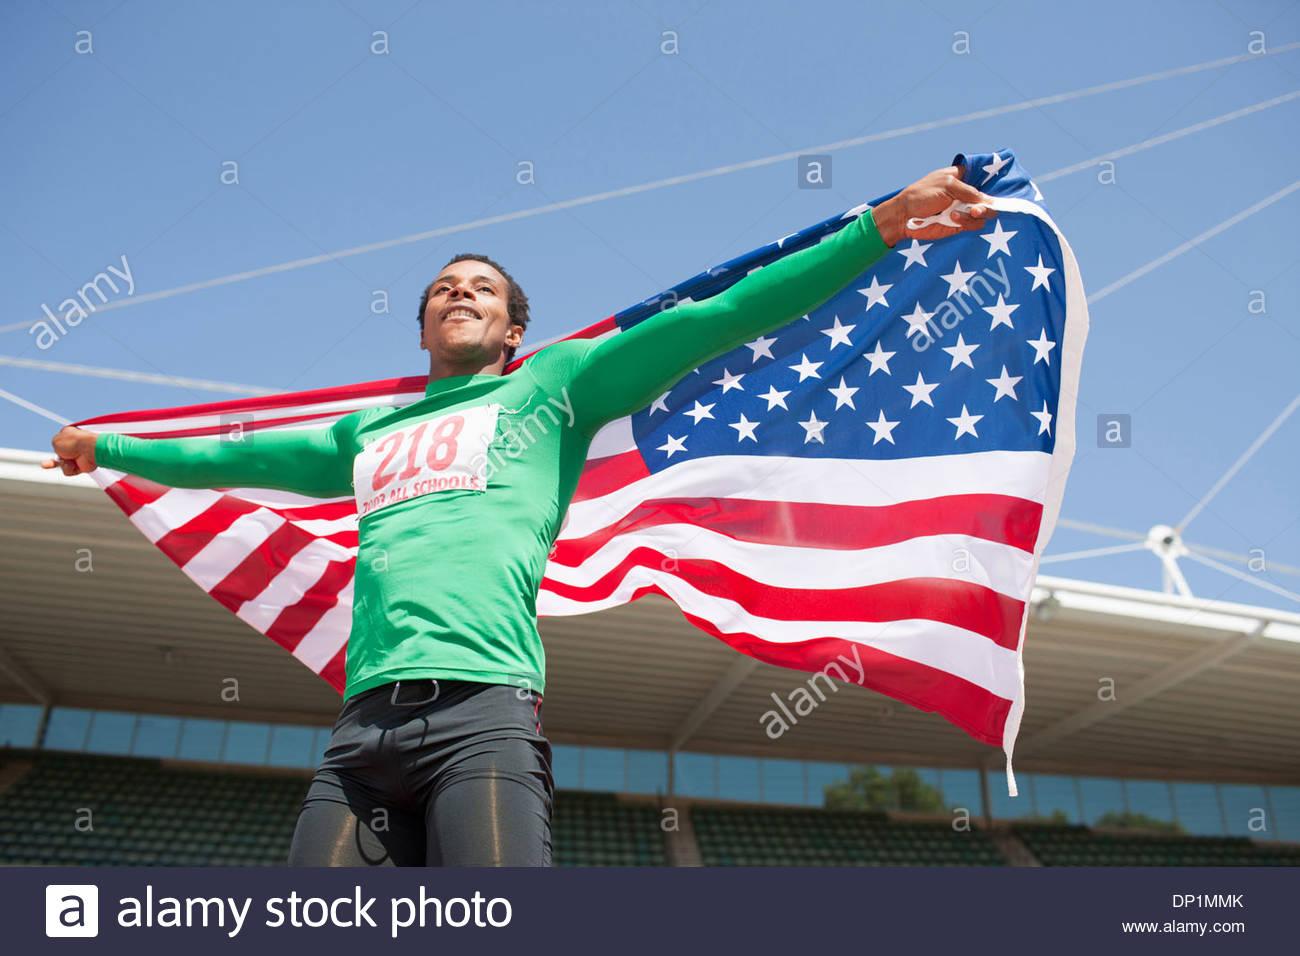 Runner célébrer sur la voie avec le drapeau américain Photo Stock